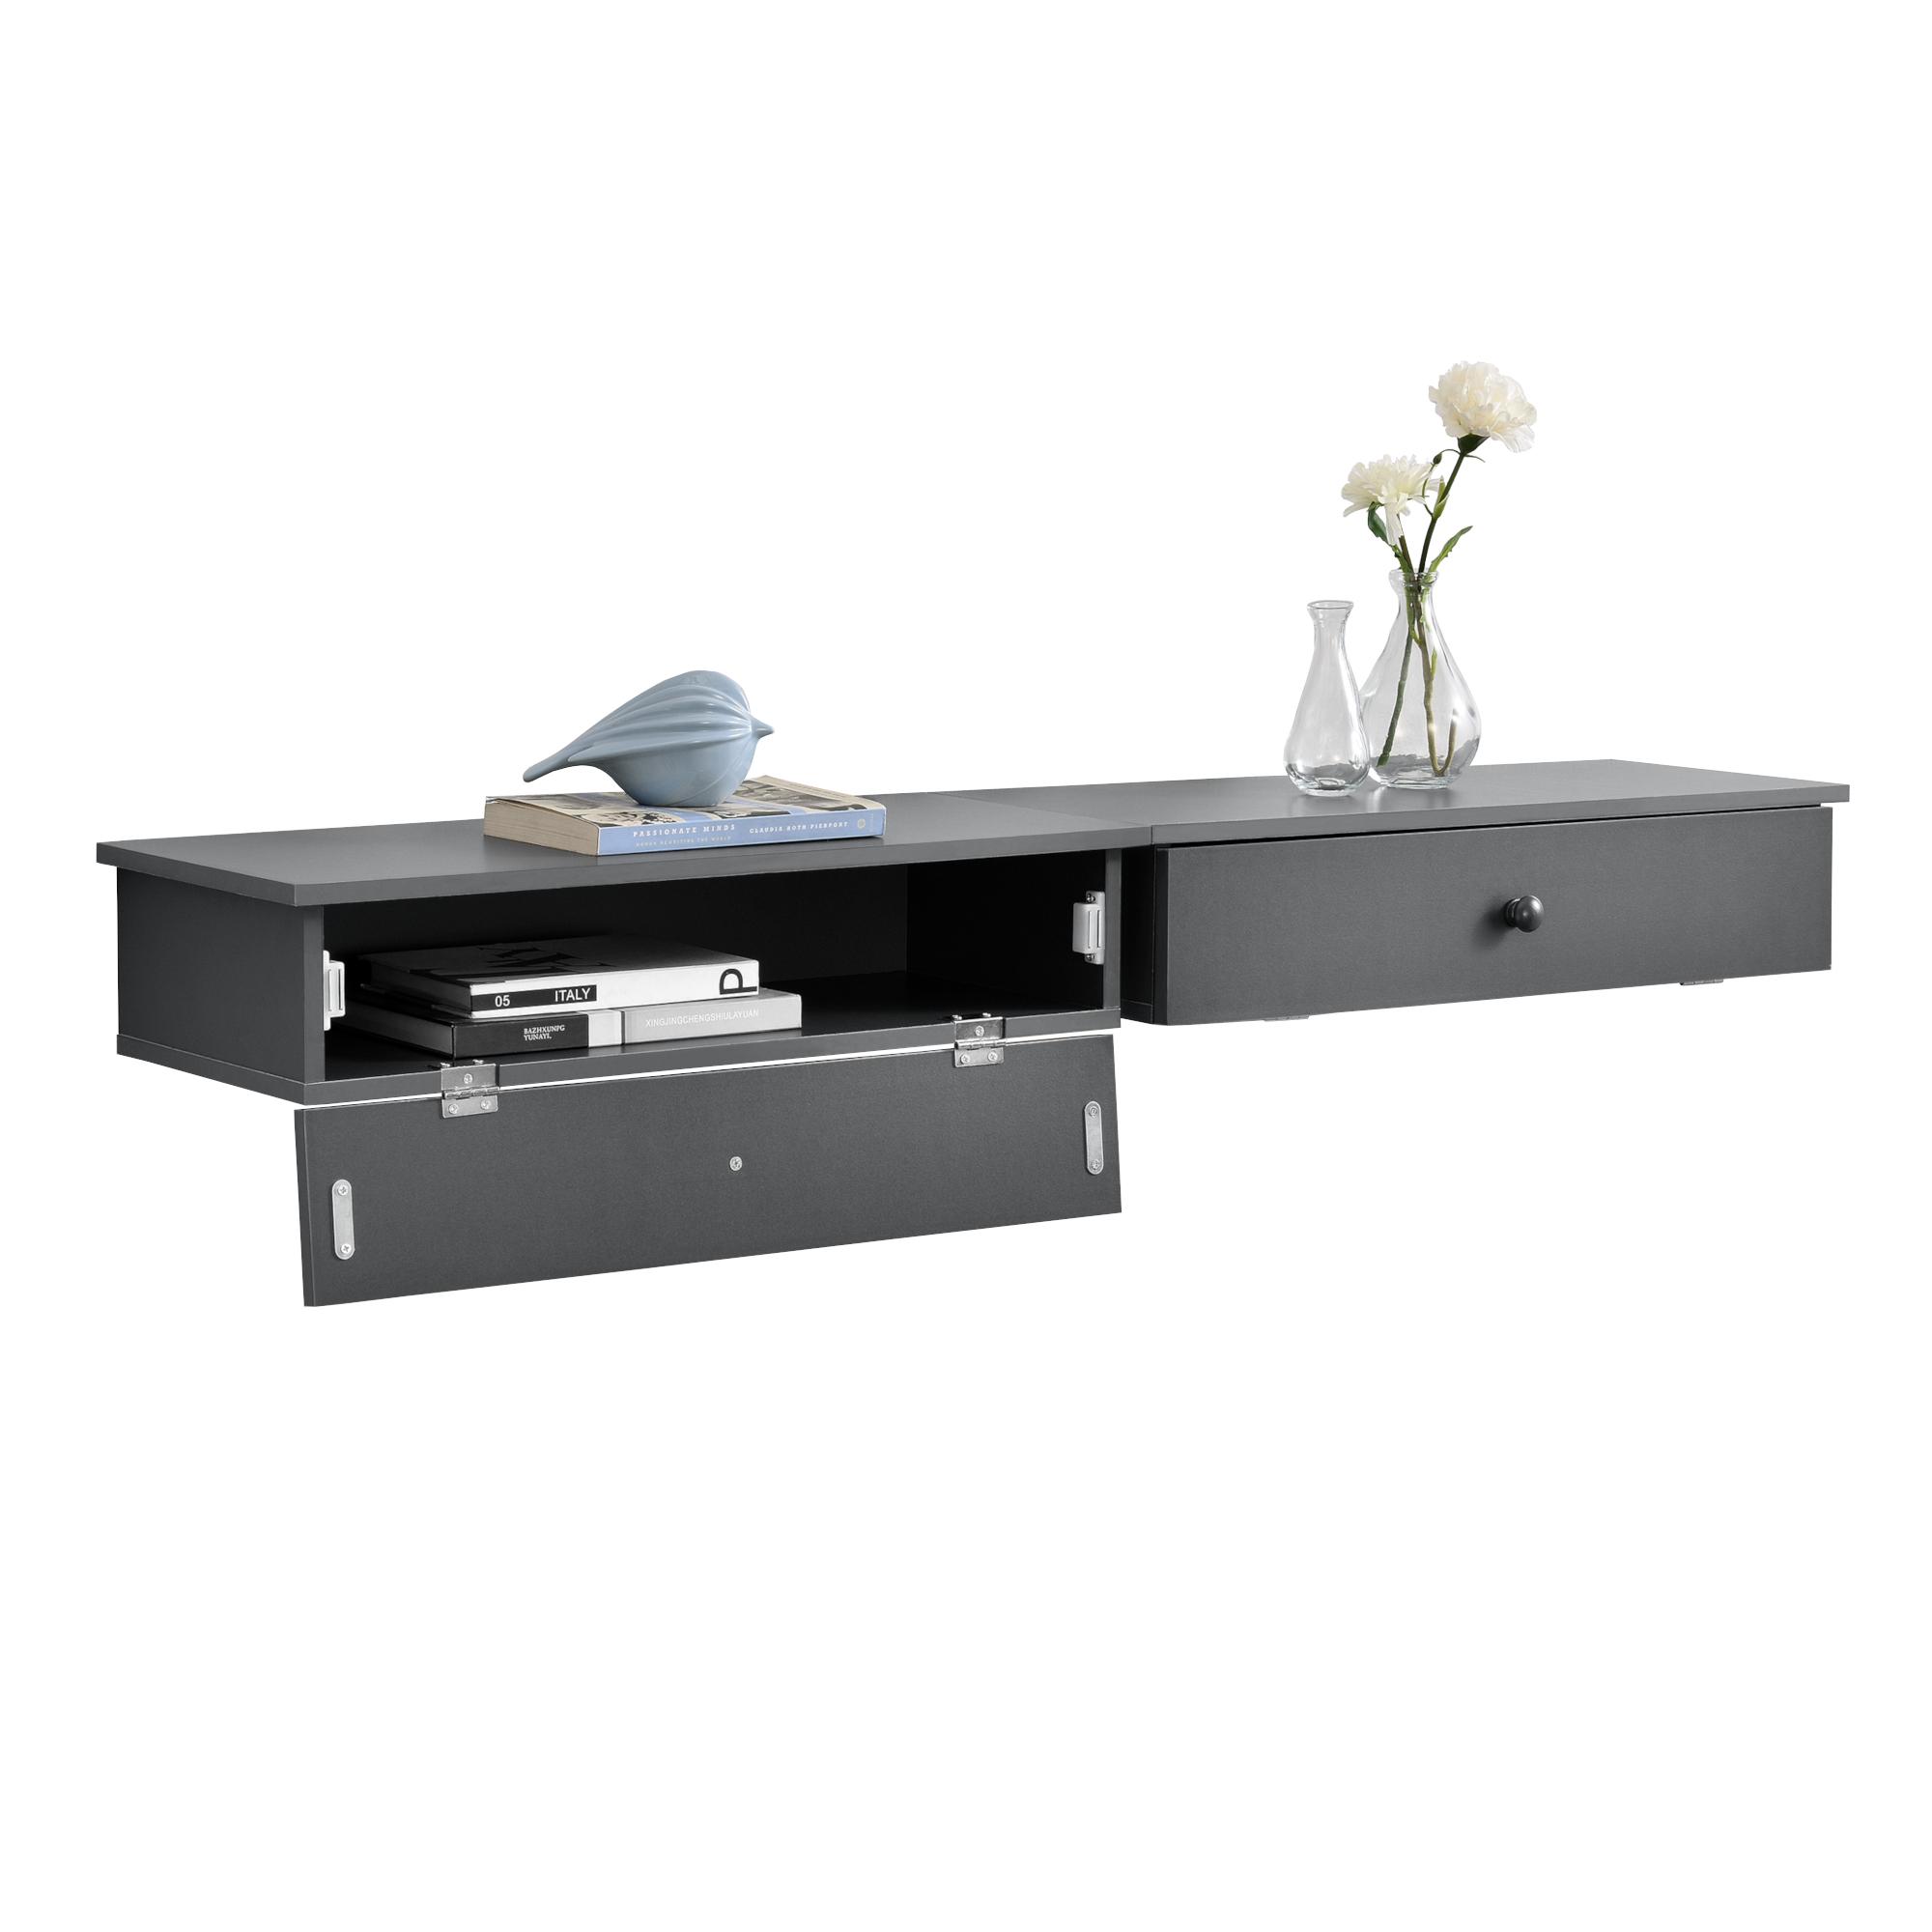 2x suspendu table de chevet gris console murale. Black Bedroom Furniture Sets. Home Design Ideas